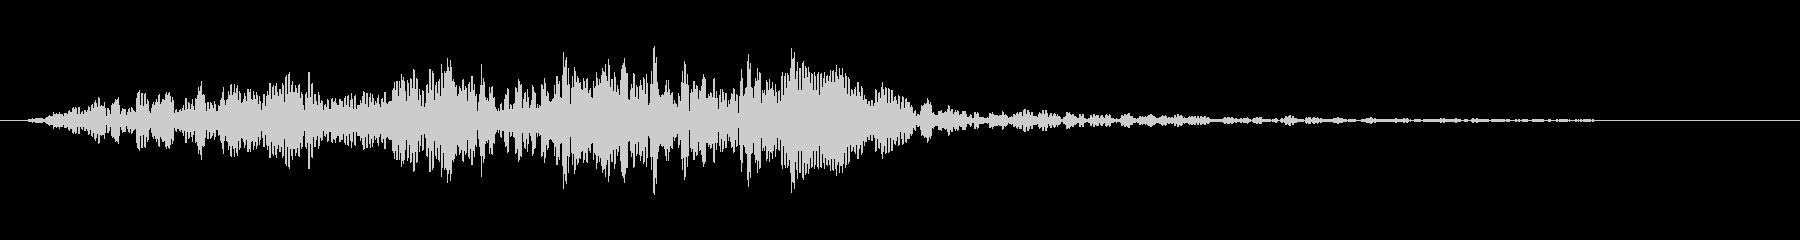 「和太鼓の連打」「ドラムロール」の未再生の波形